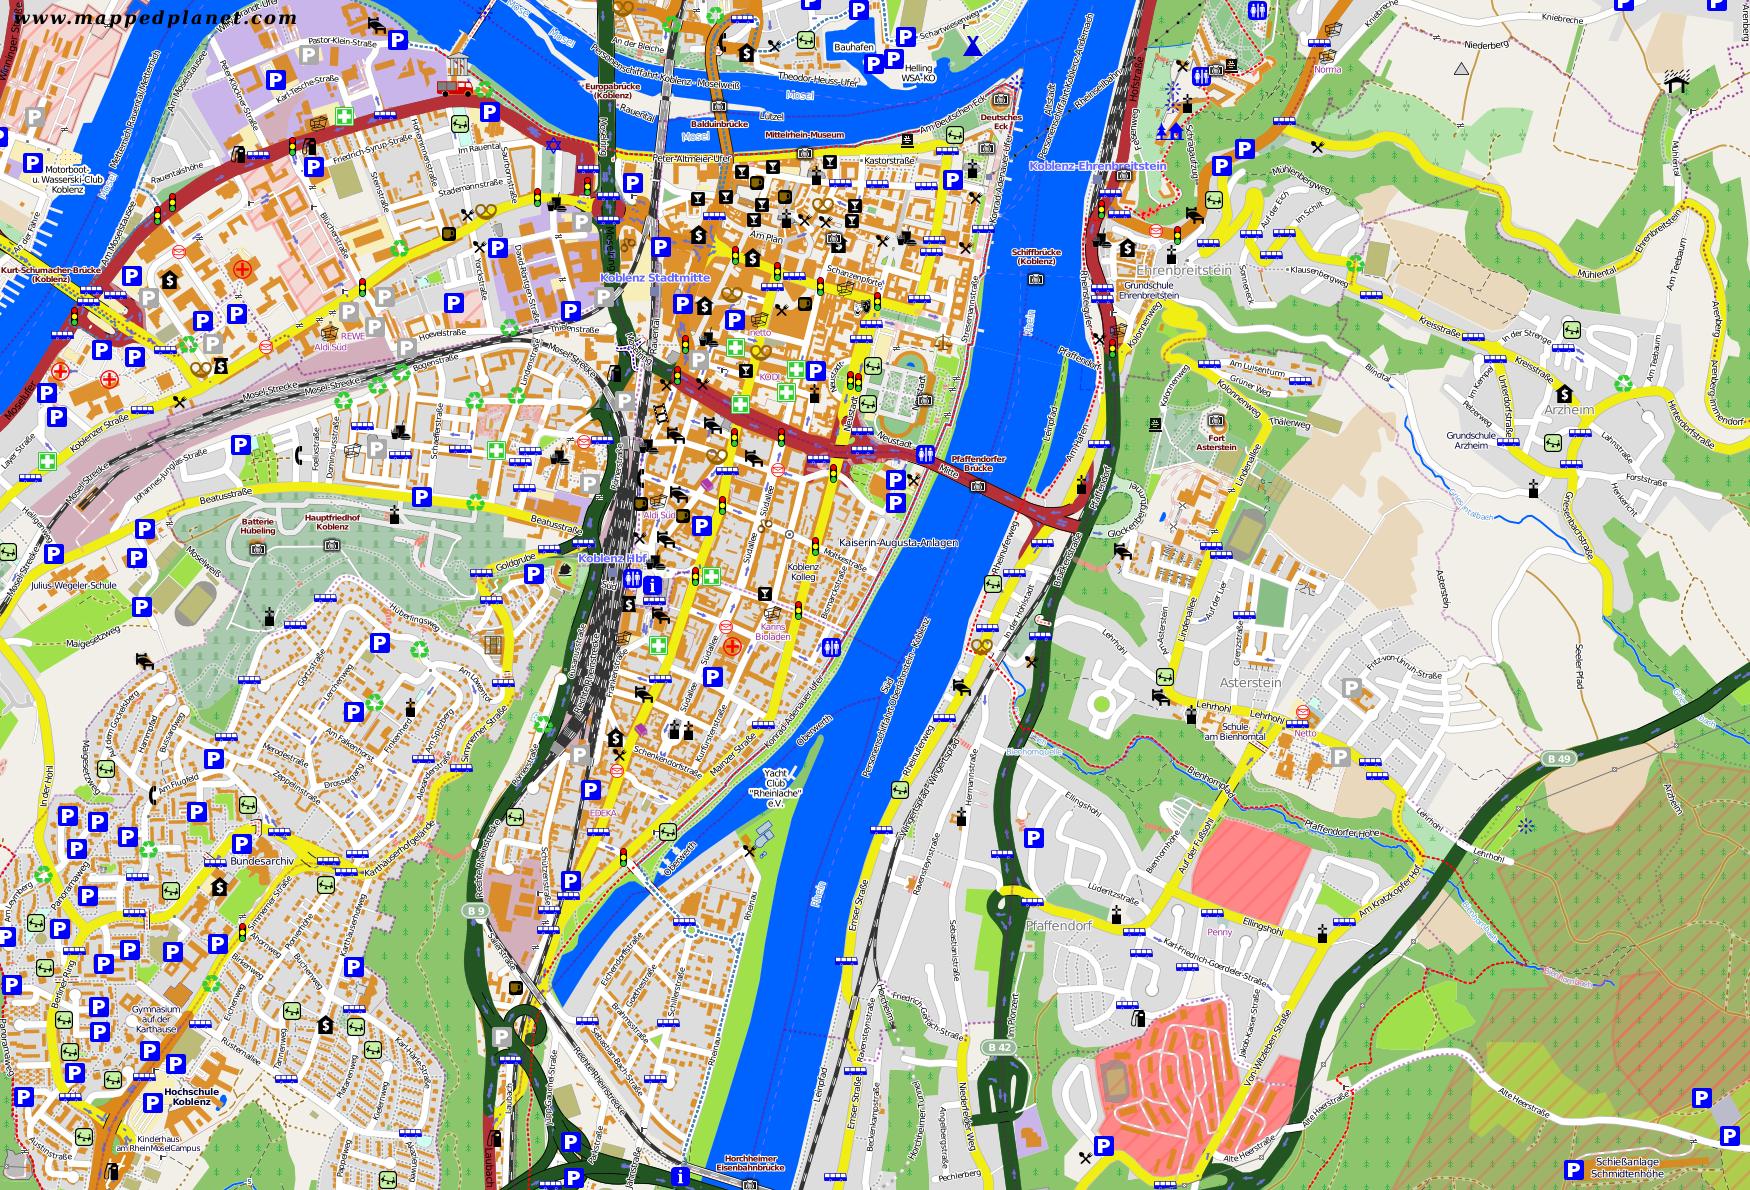 Karte Koblenz.Karten Und Stadtpläne Koblenz